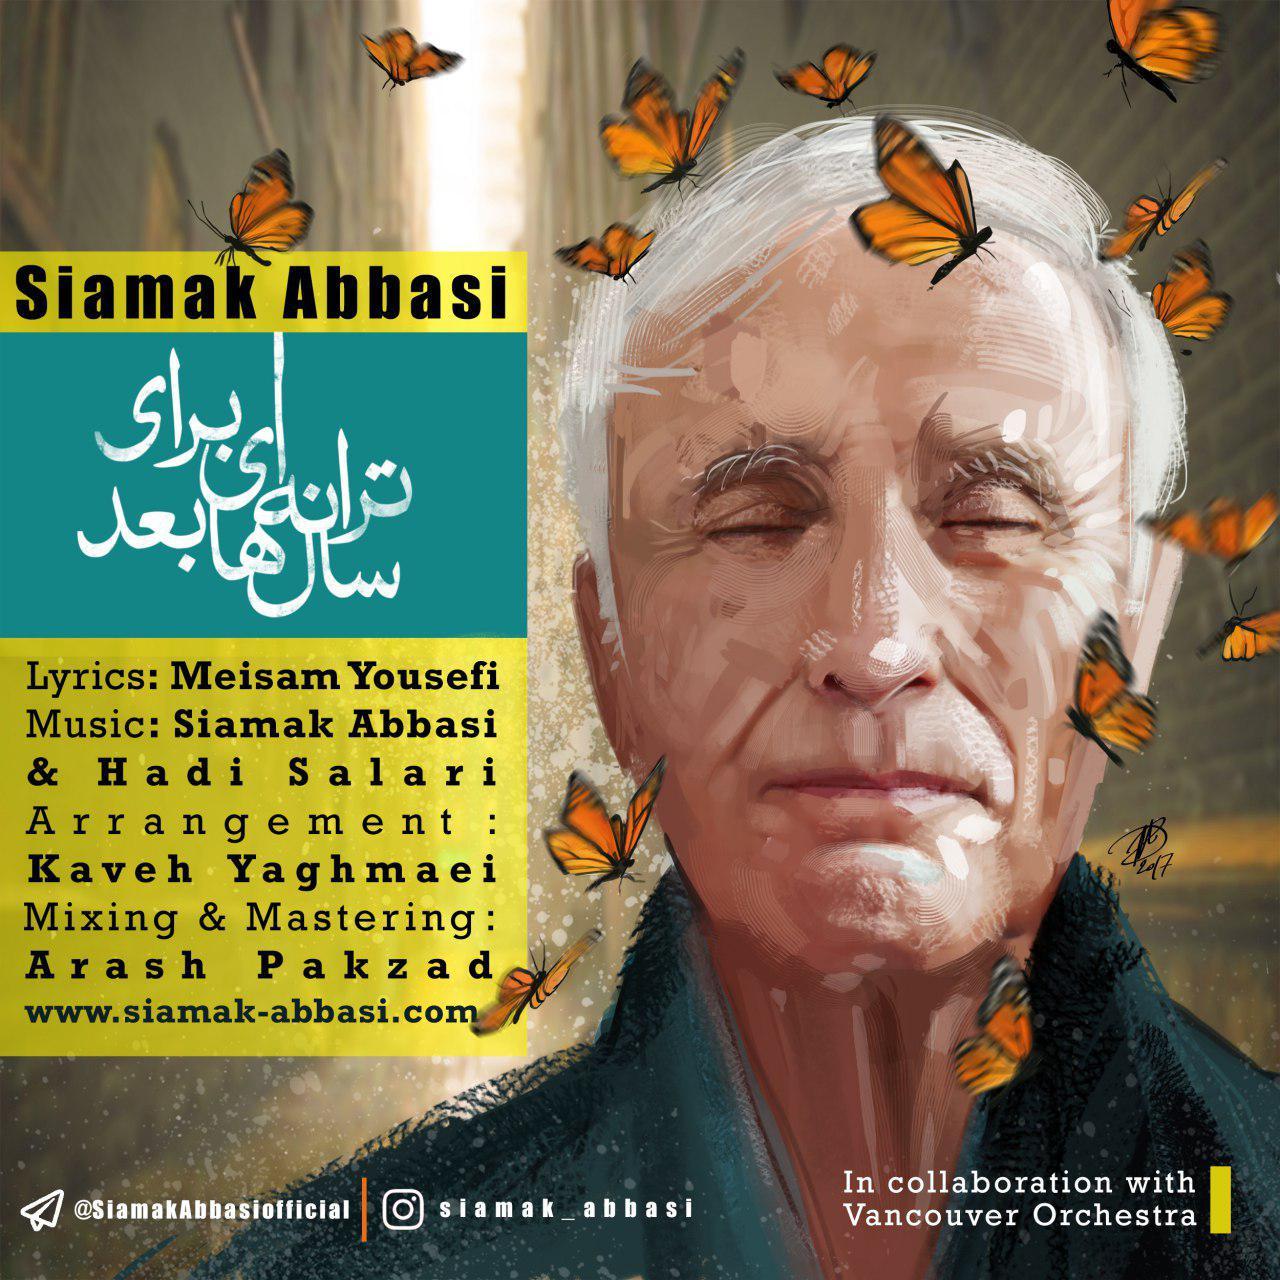 ترانه ای برای سال ها بعد با صدای سیامک عباسی